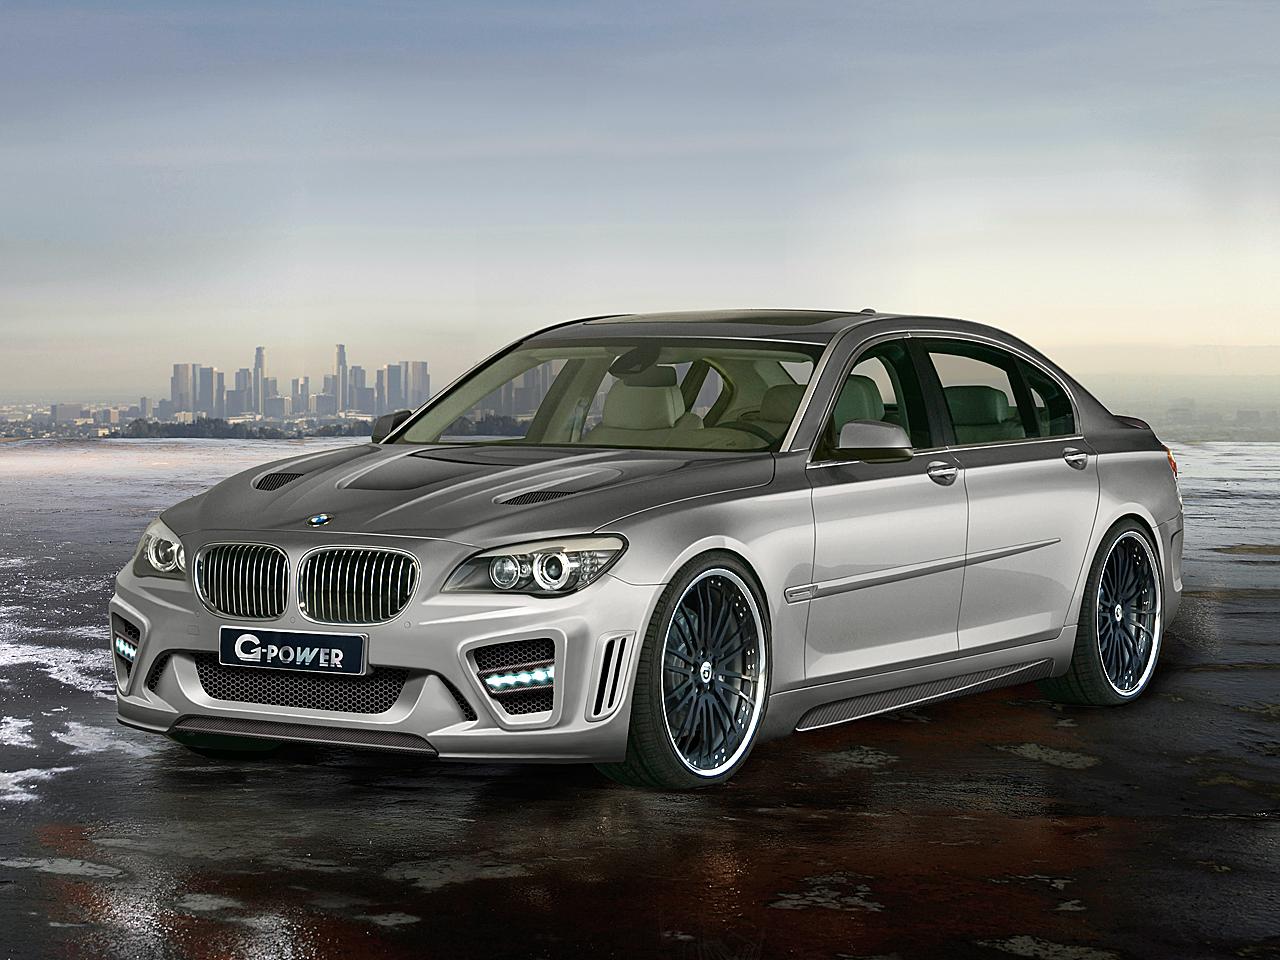 G Power 760i Storm BMW 7er Mit 725 PS Und 345 Km H Spitze